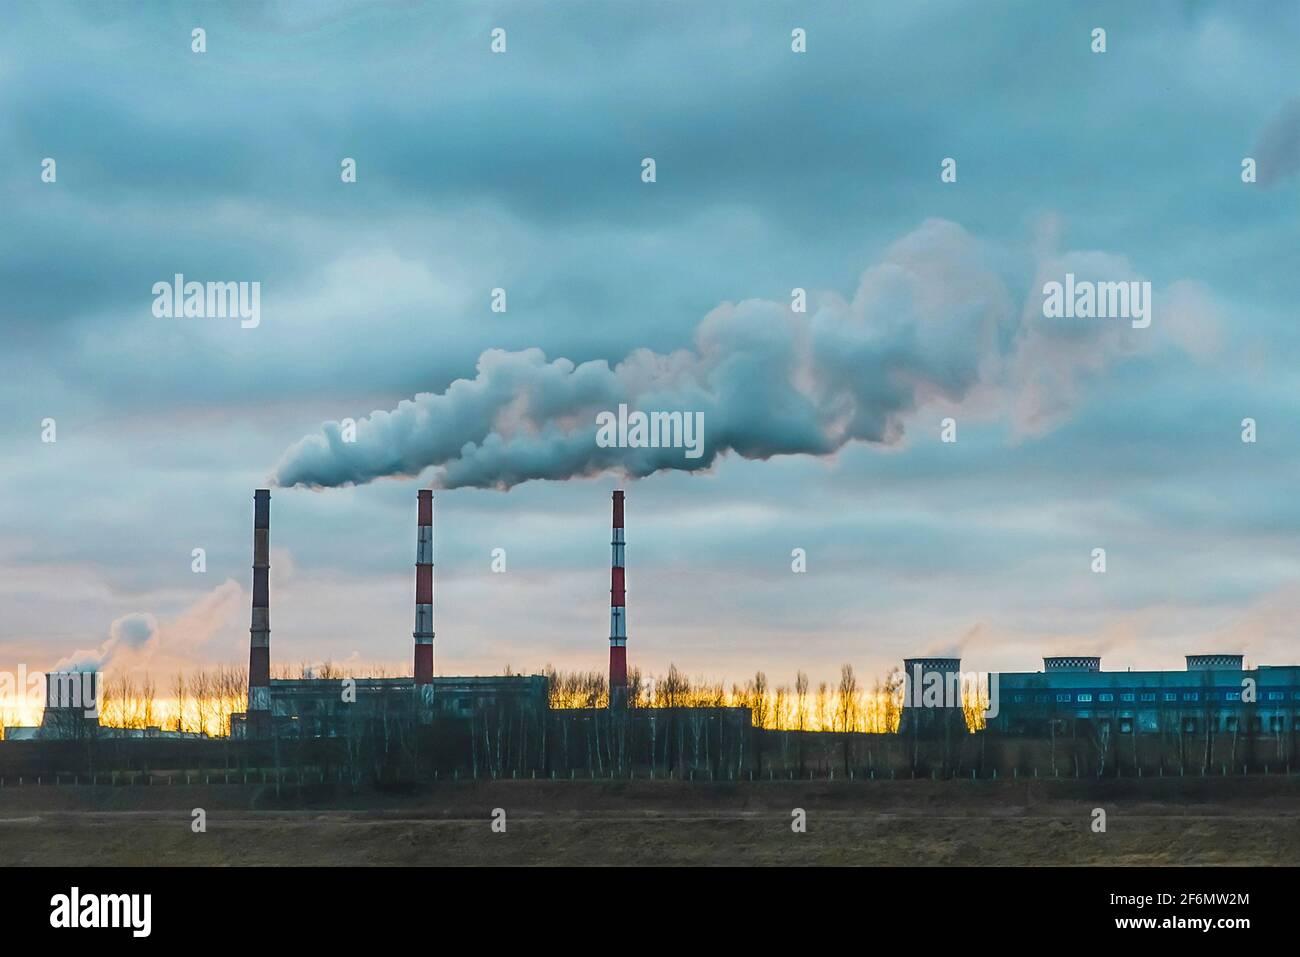 Contaminación ambiental, problema ambiental, humo de la chimenea de una planta industrial o central térmica contra un cielo azul nublado. Foto de stock